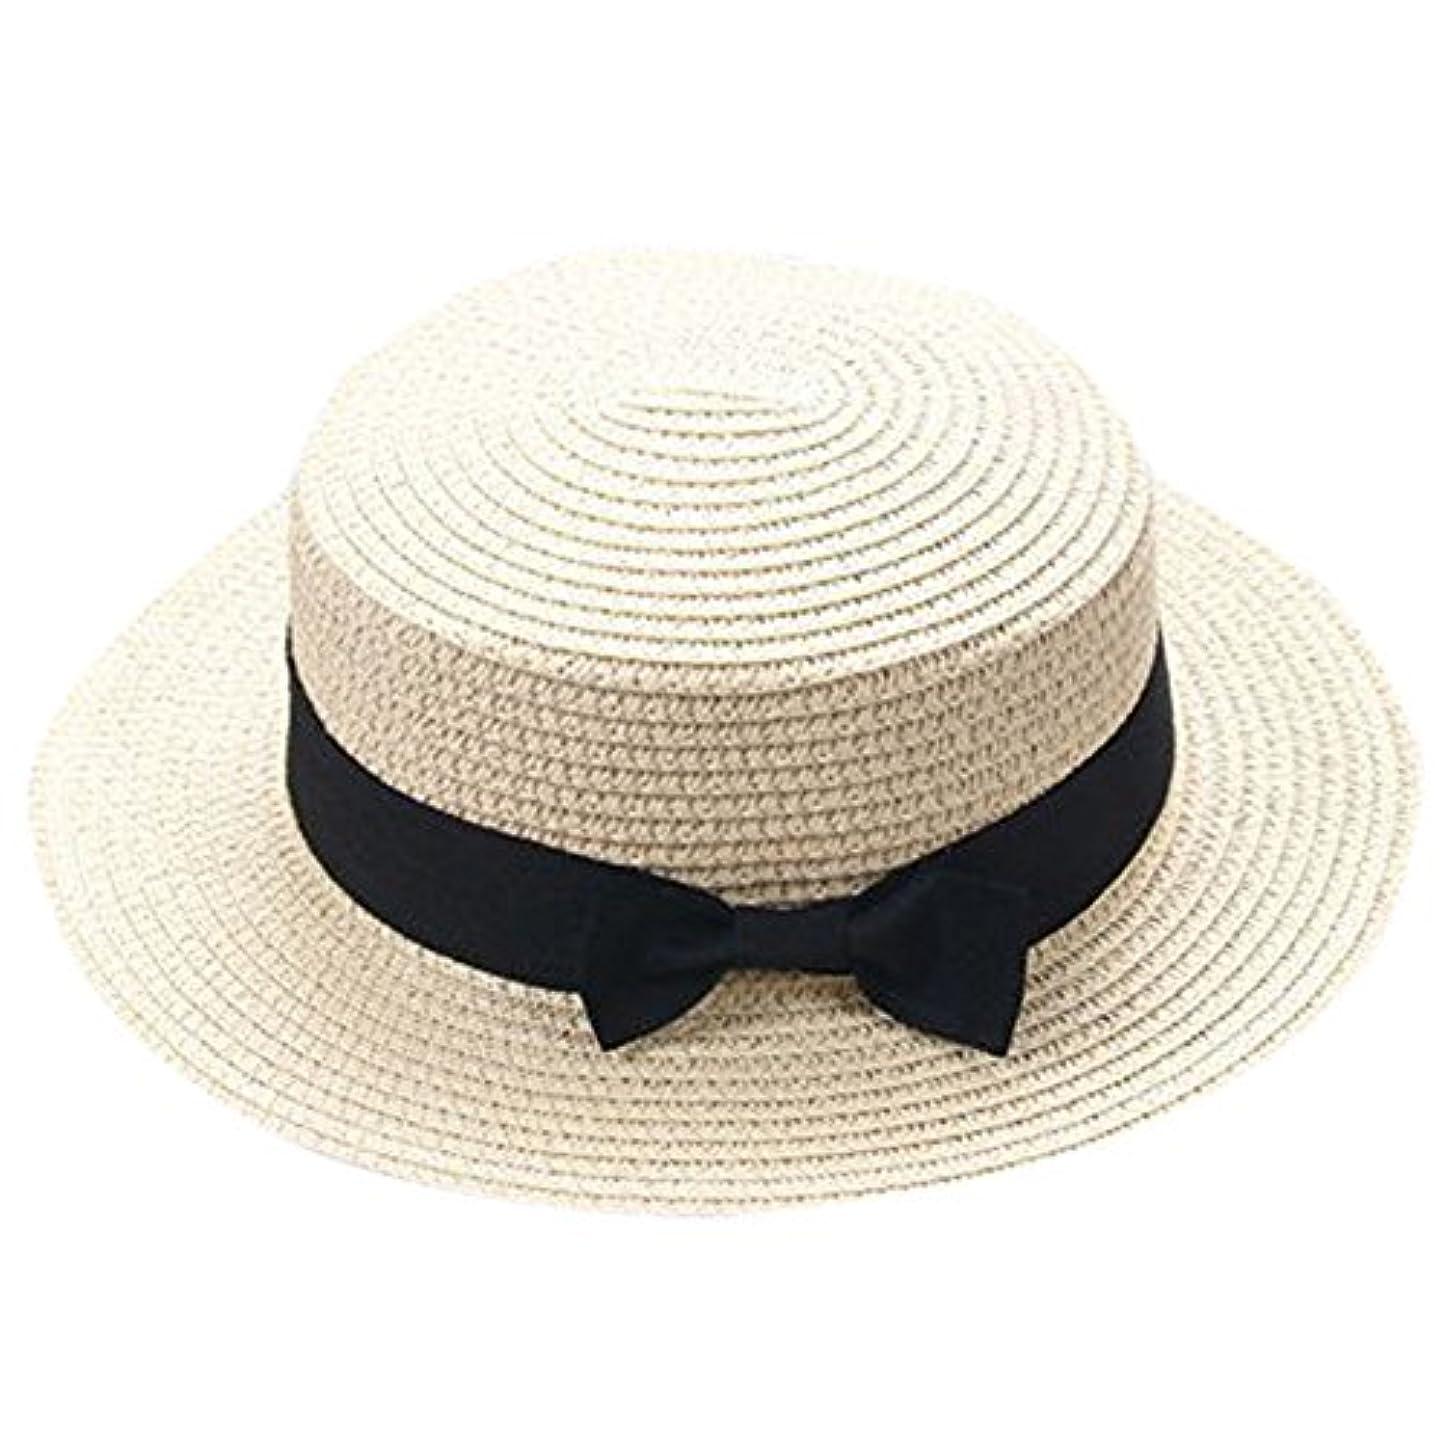 火炎種をまくヒロインキャップ キッズ 日よけ 帽子 小顔効果抜群 旅行用 日よけ 夏 ビーチ 海辺 かわいい リゾート 紫外線対策 男女兼用 日焼け防止 熱中症予防 取り外すあご紐 つば広 おしゃれ 可愛い 夏 ROSE ROMAN